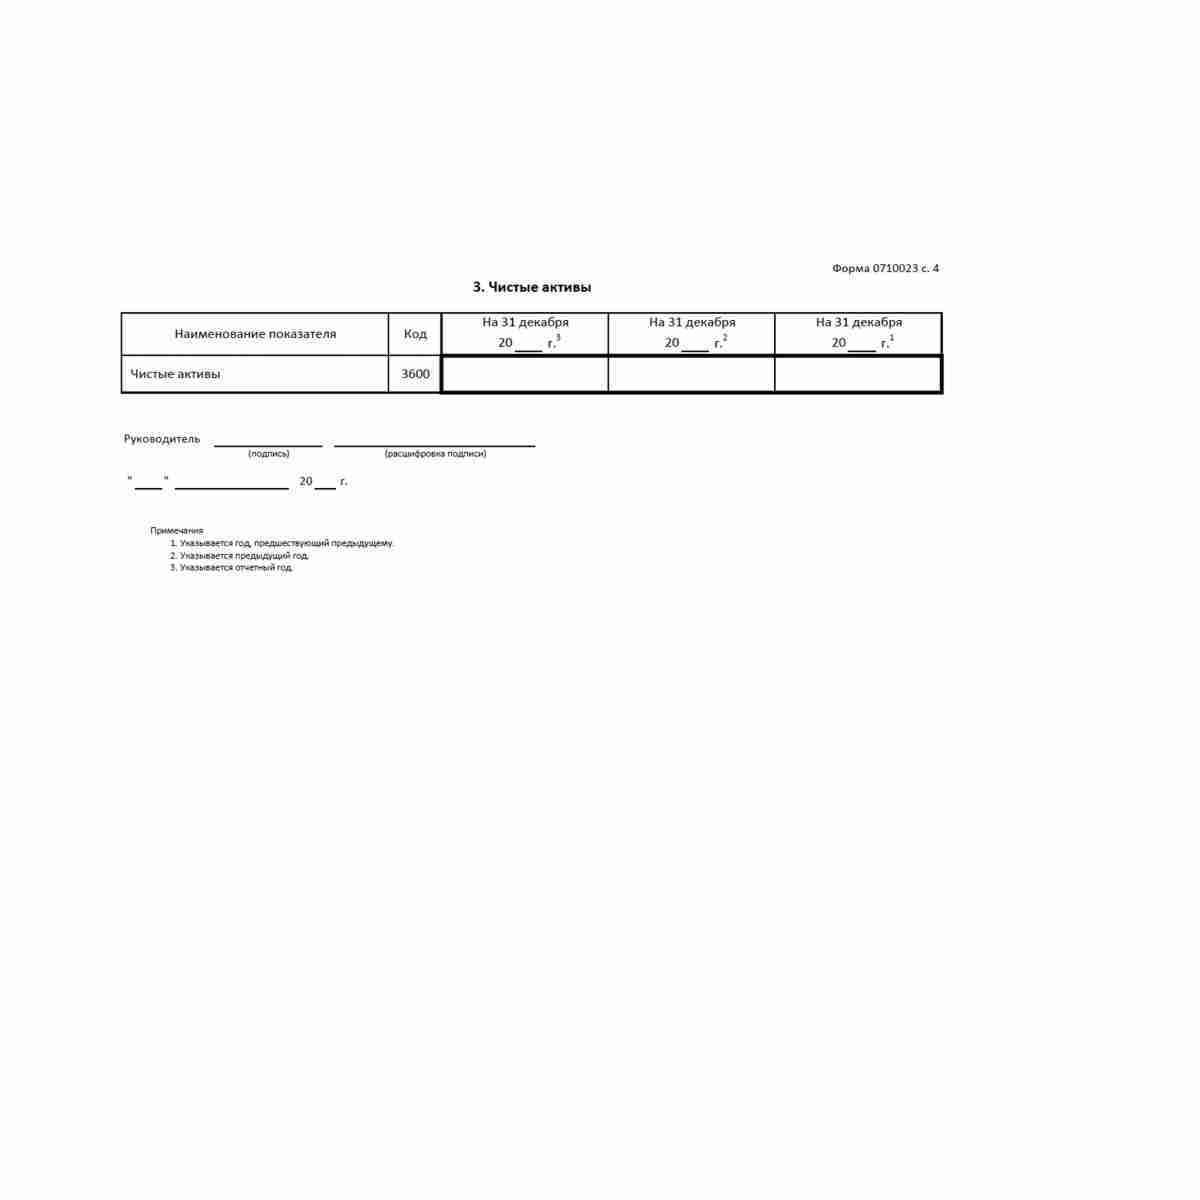 """Форма """"Отчет об изменениях капитала"""" (ОКУД 0710003). Стр. 4"""